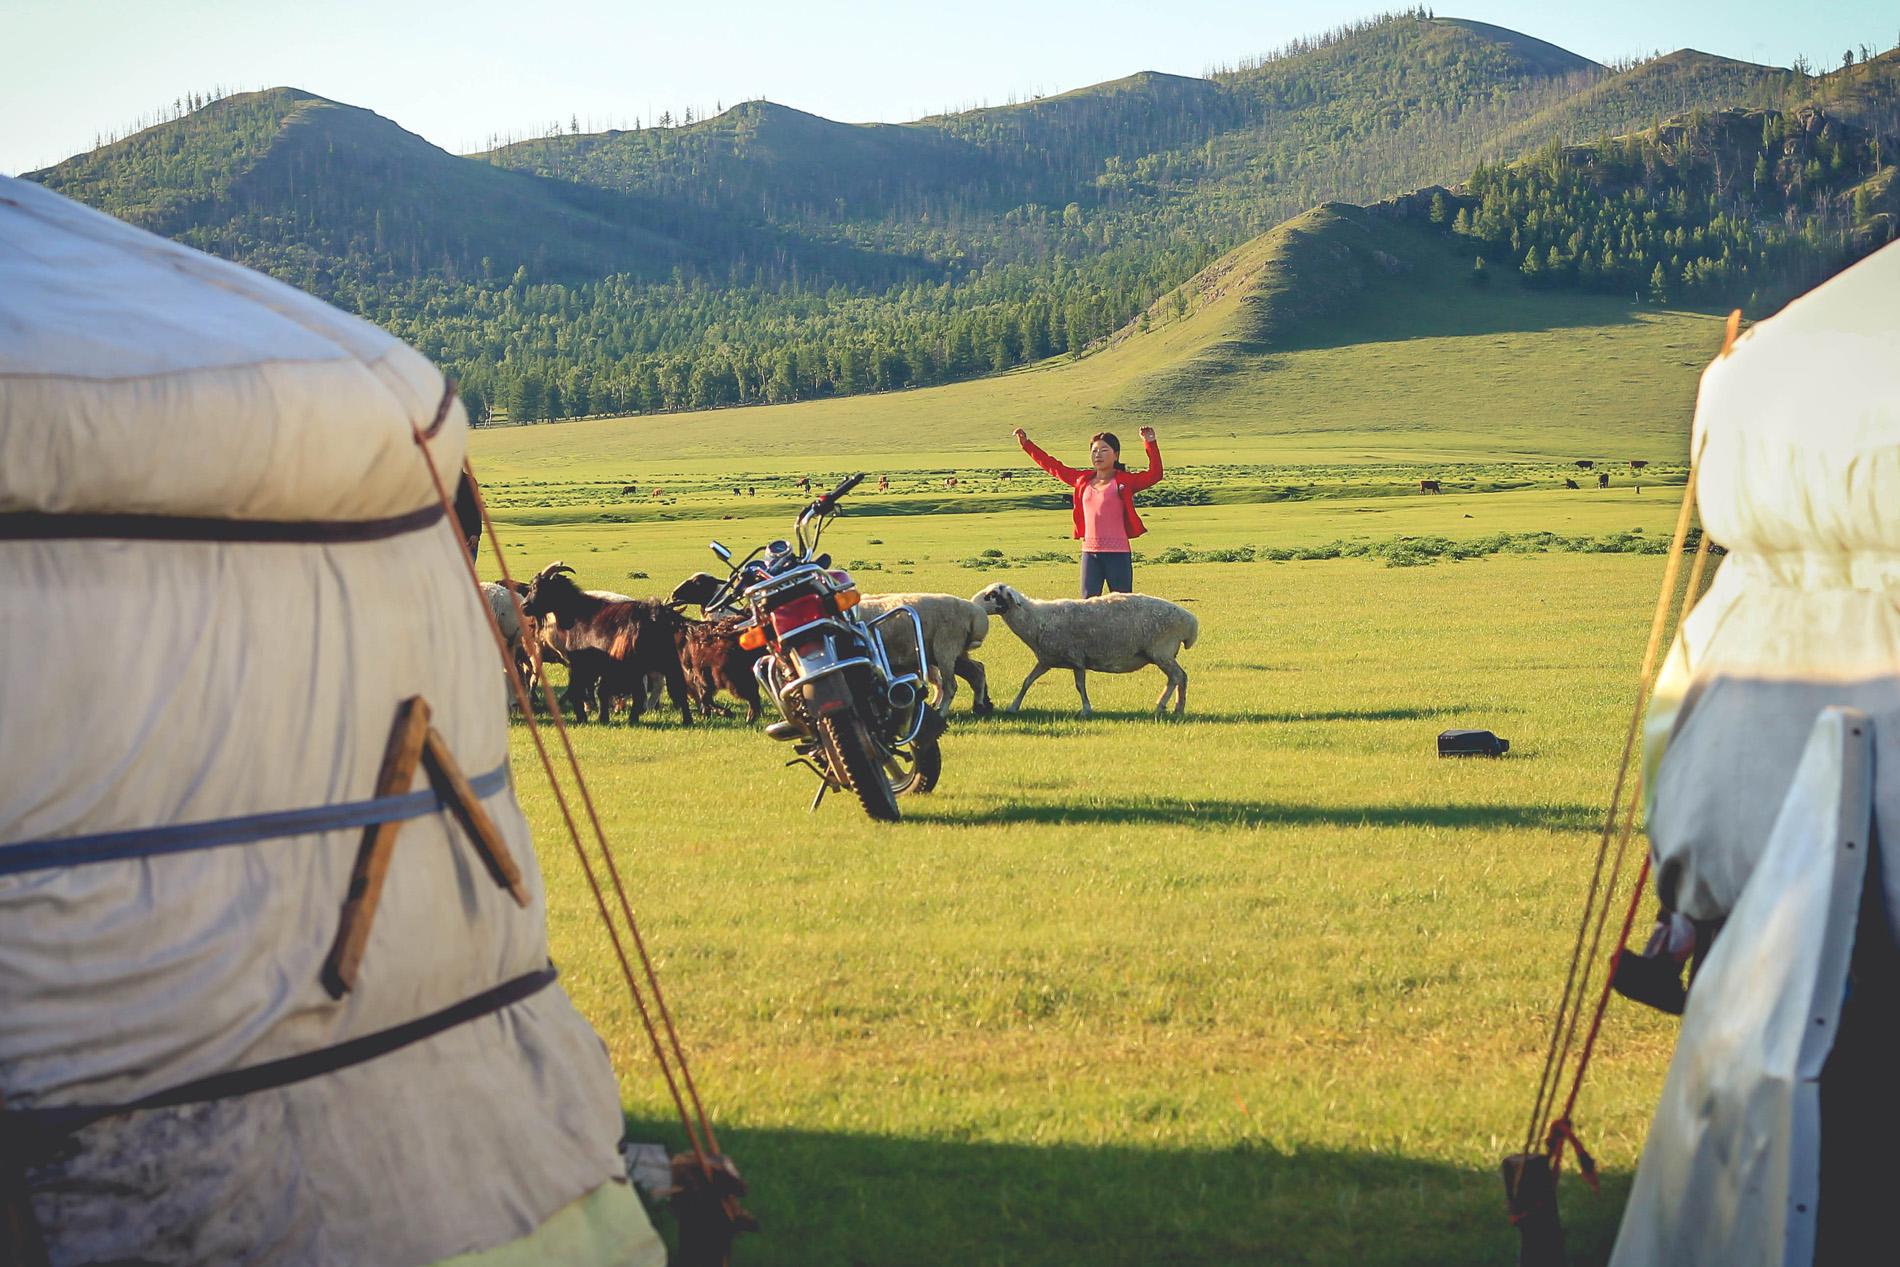 Mongolia pogoda ciekawostki informacje